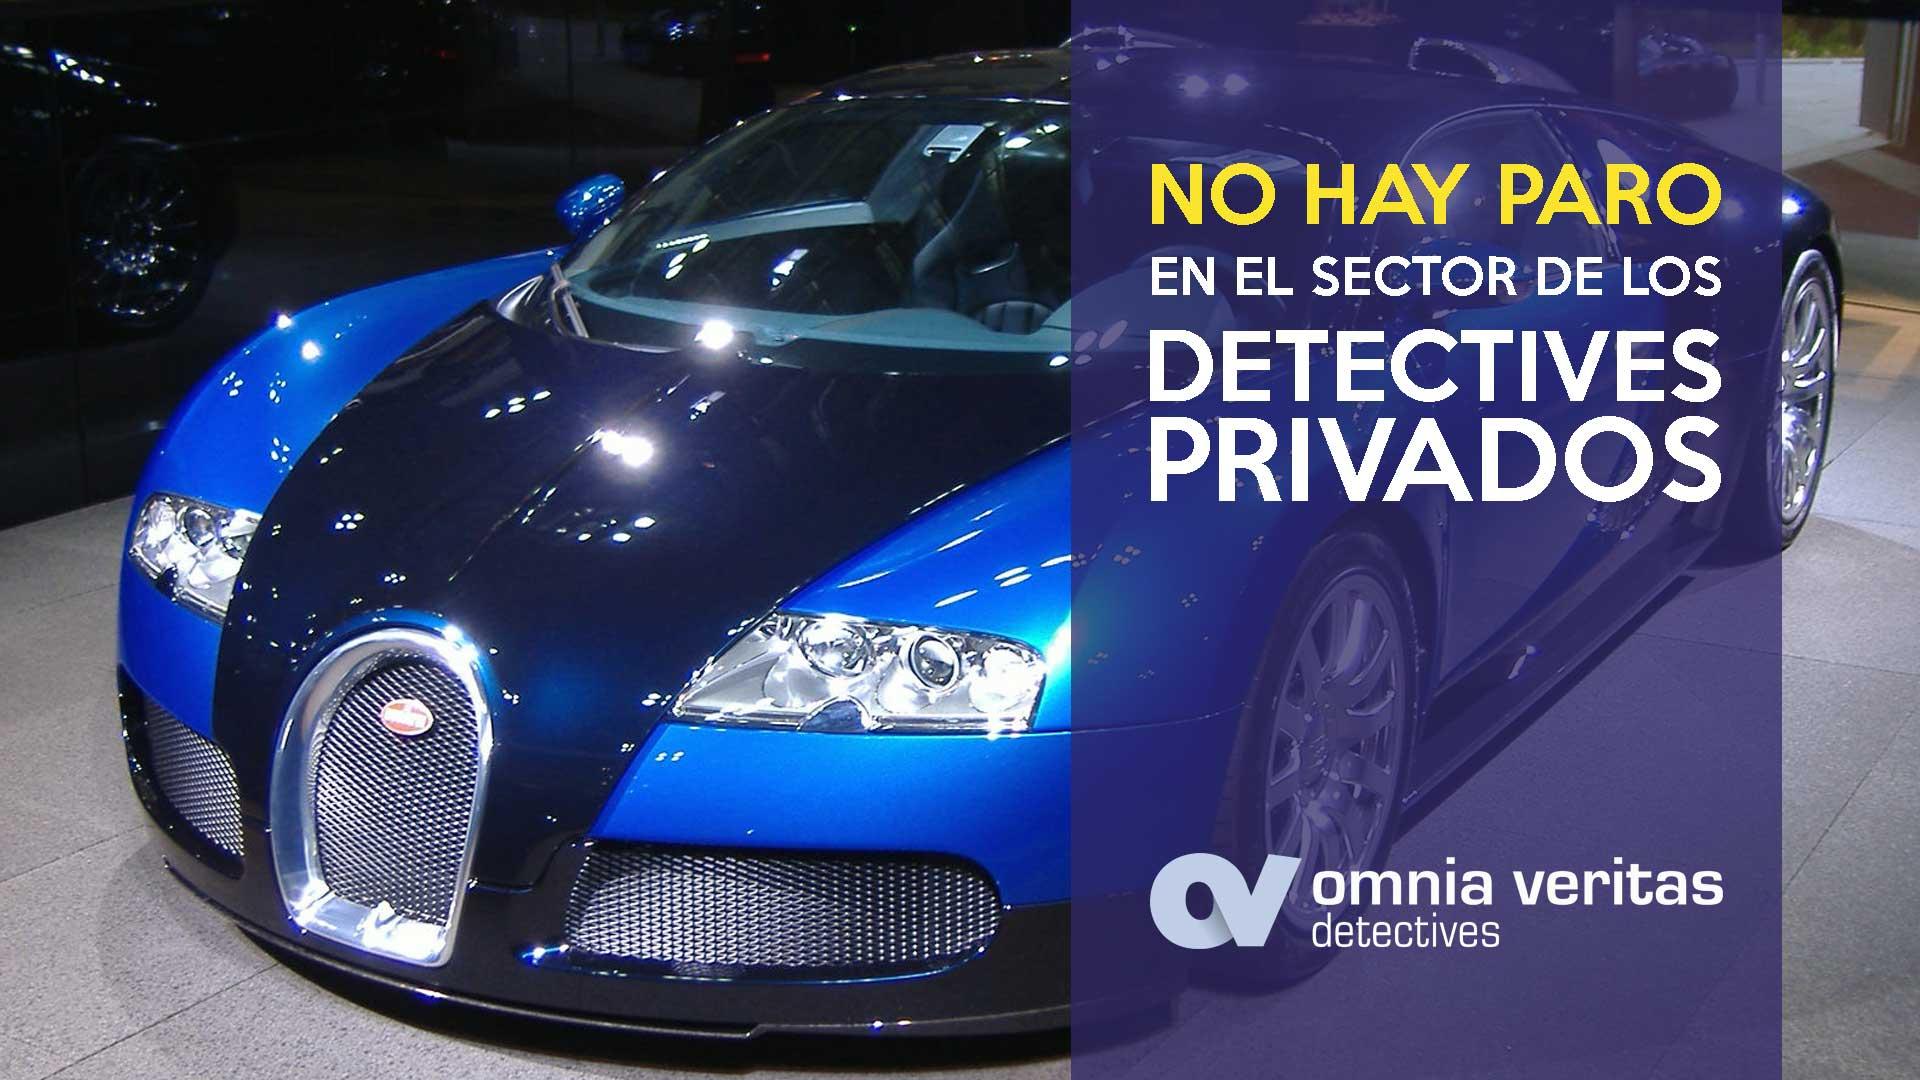 No hay paro entre los detectives privados